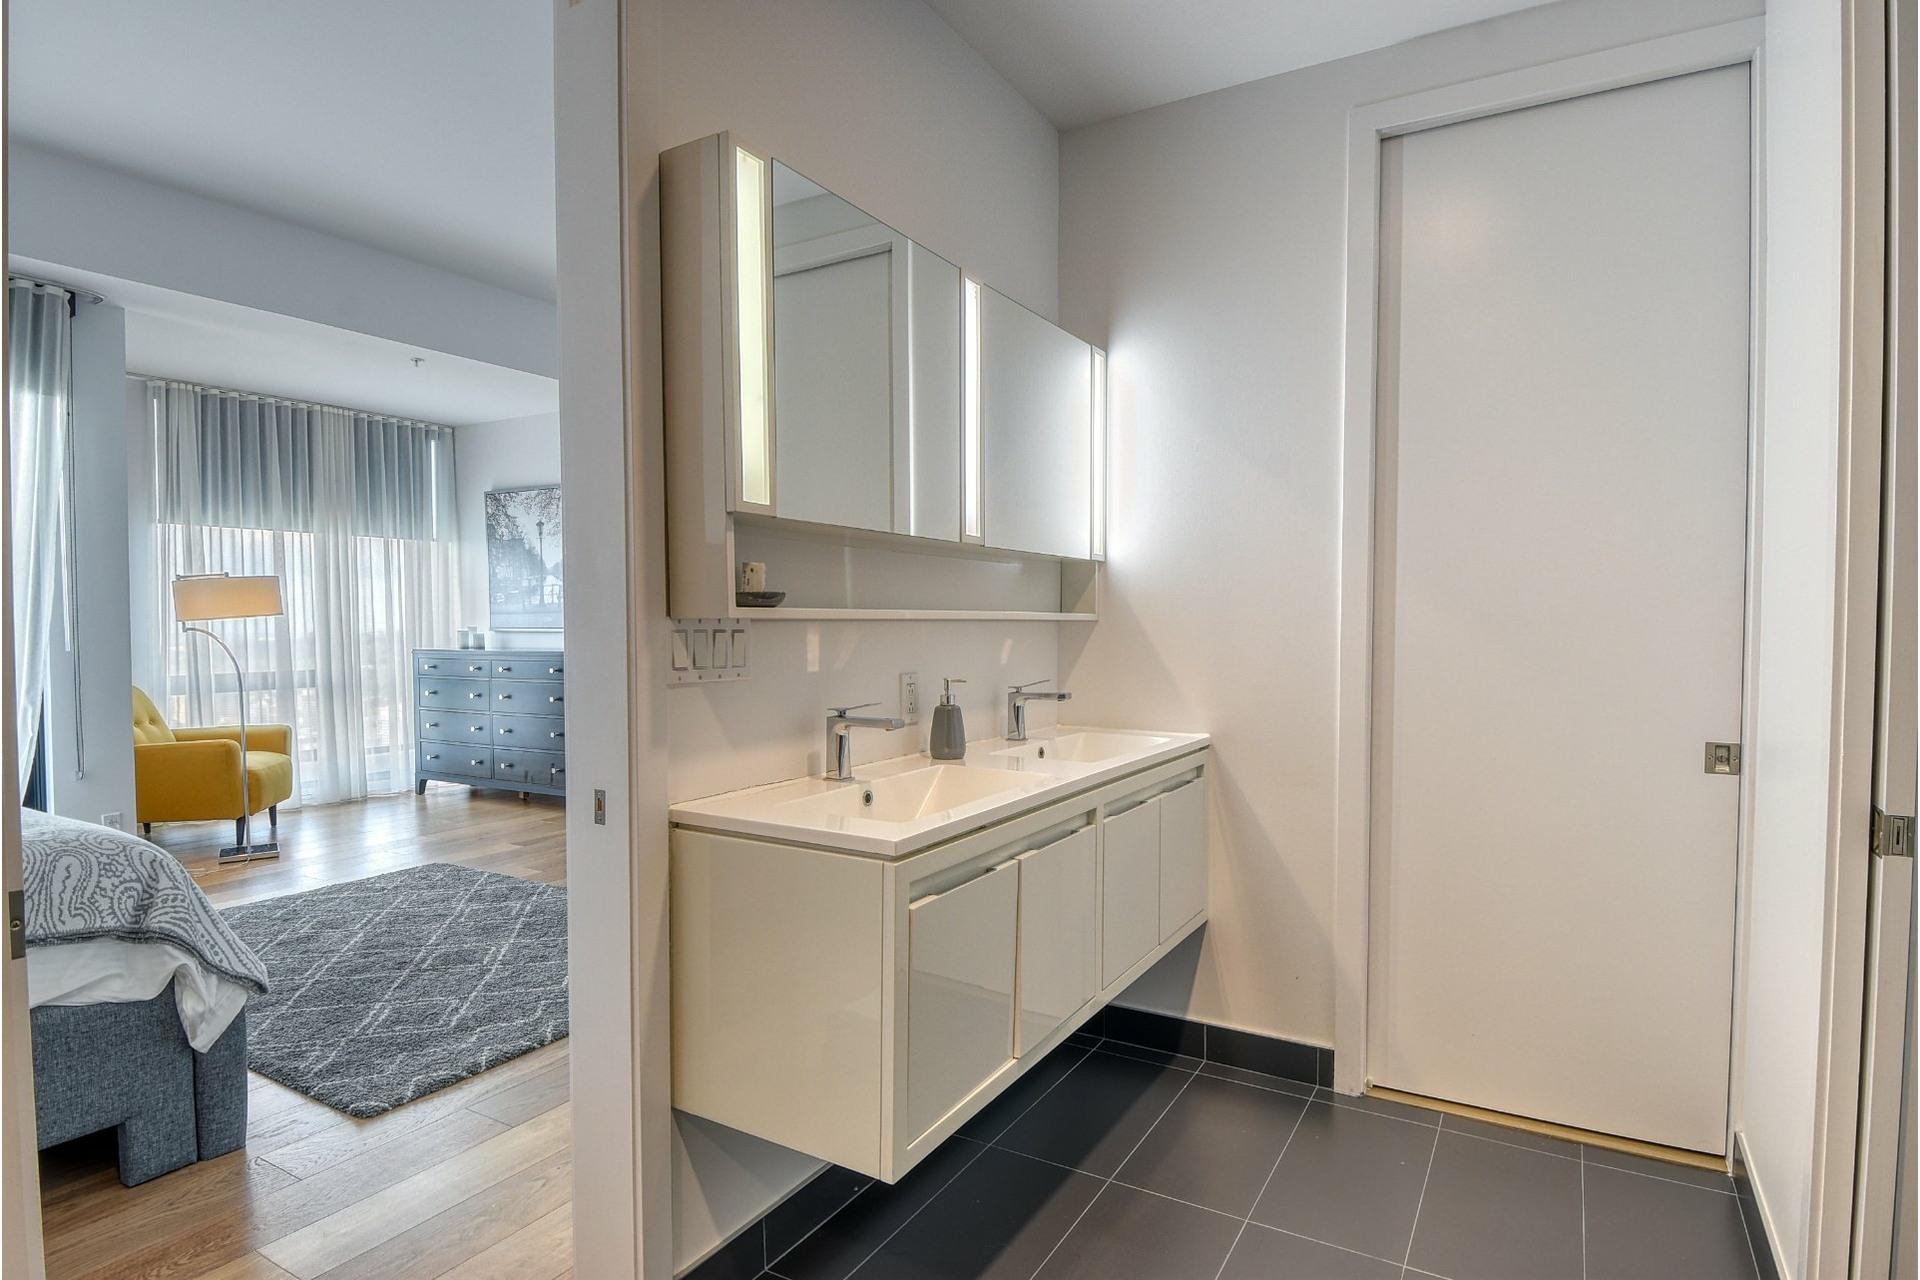 image 14 - Appartement À louer Ville-Marie Montréal  - 6 pièces